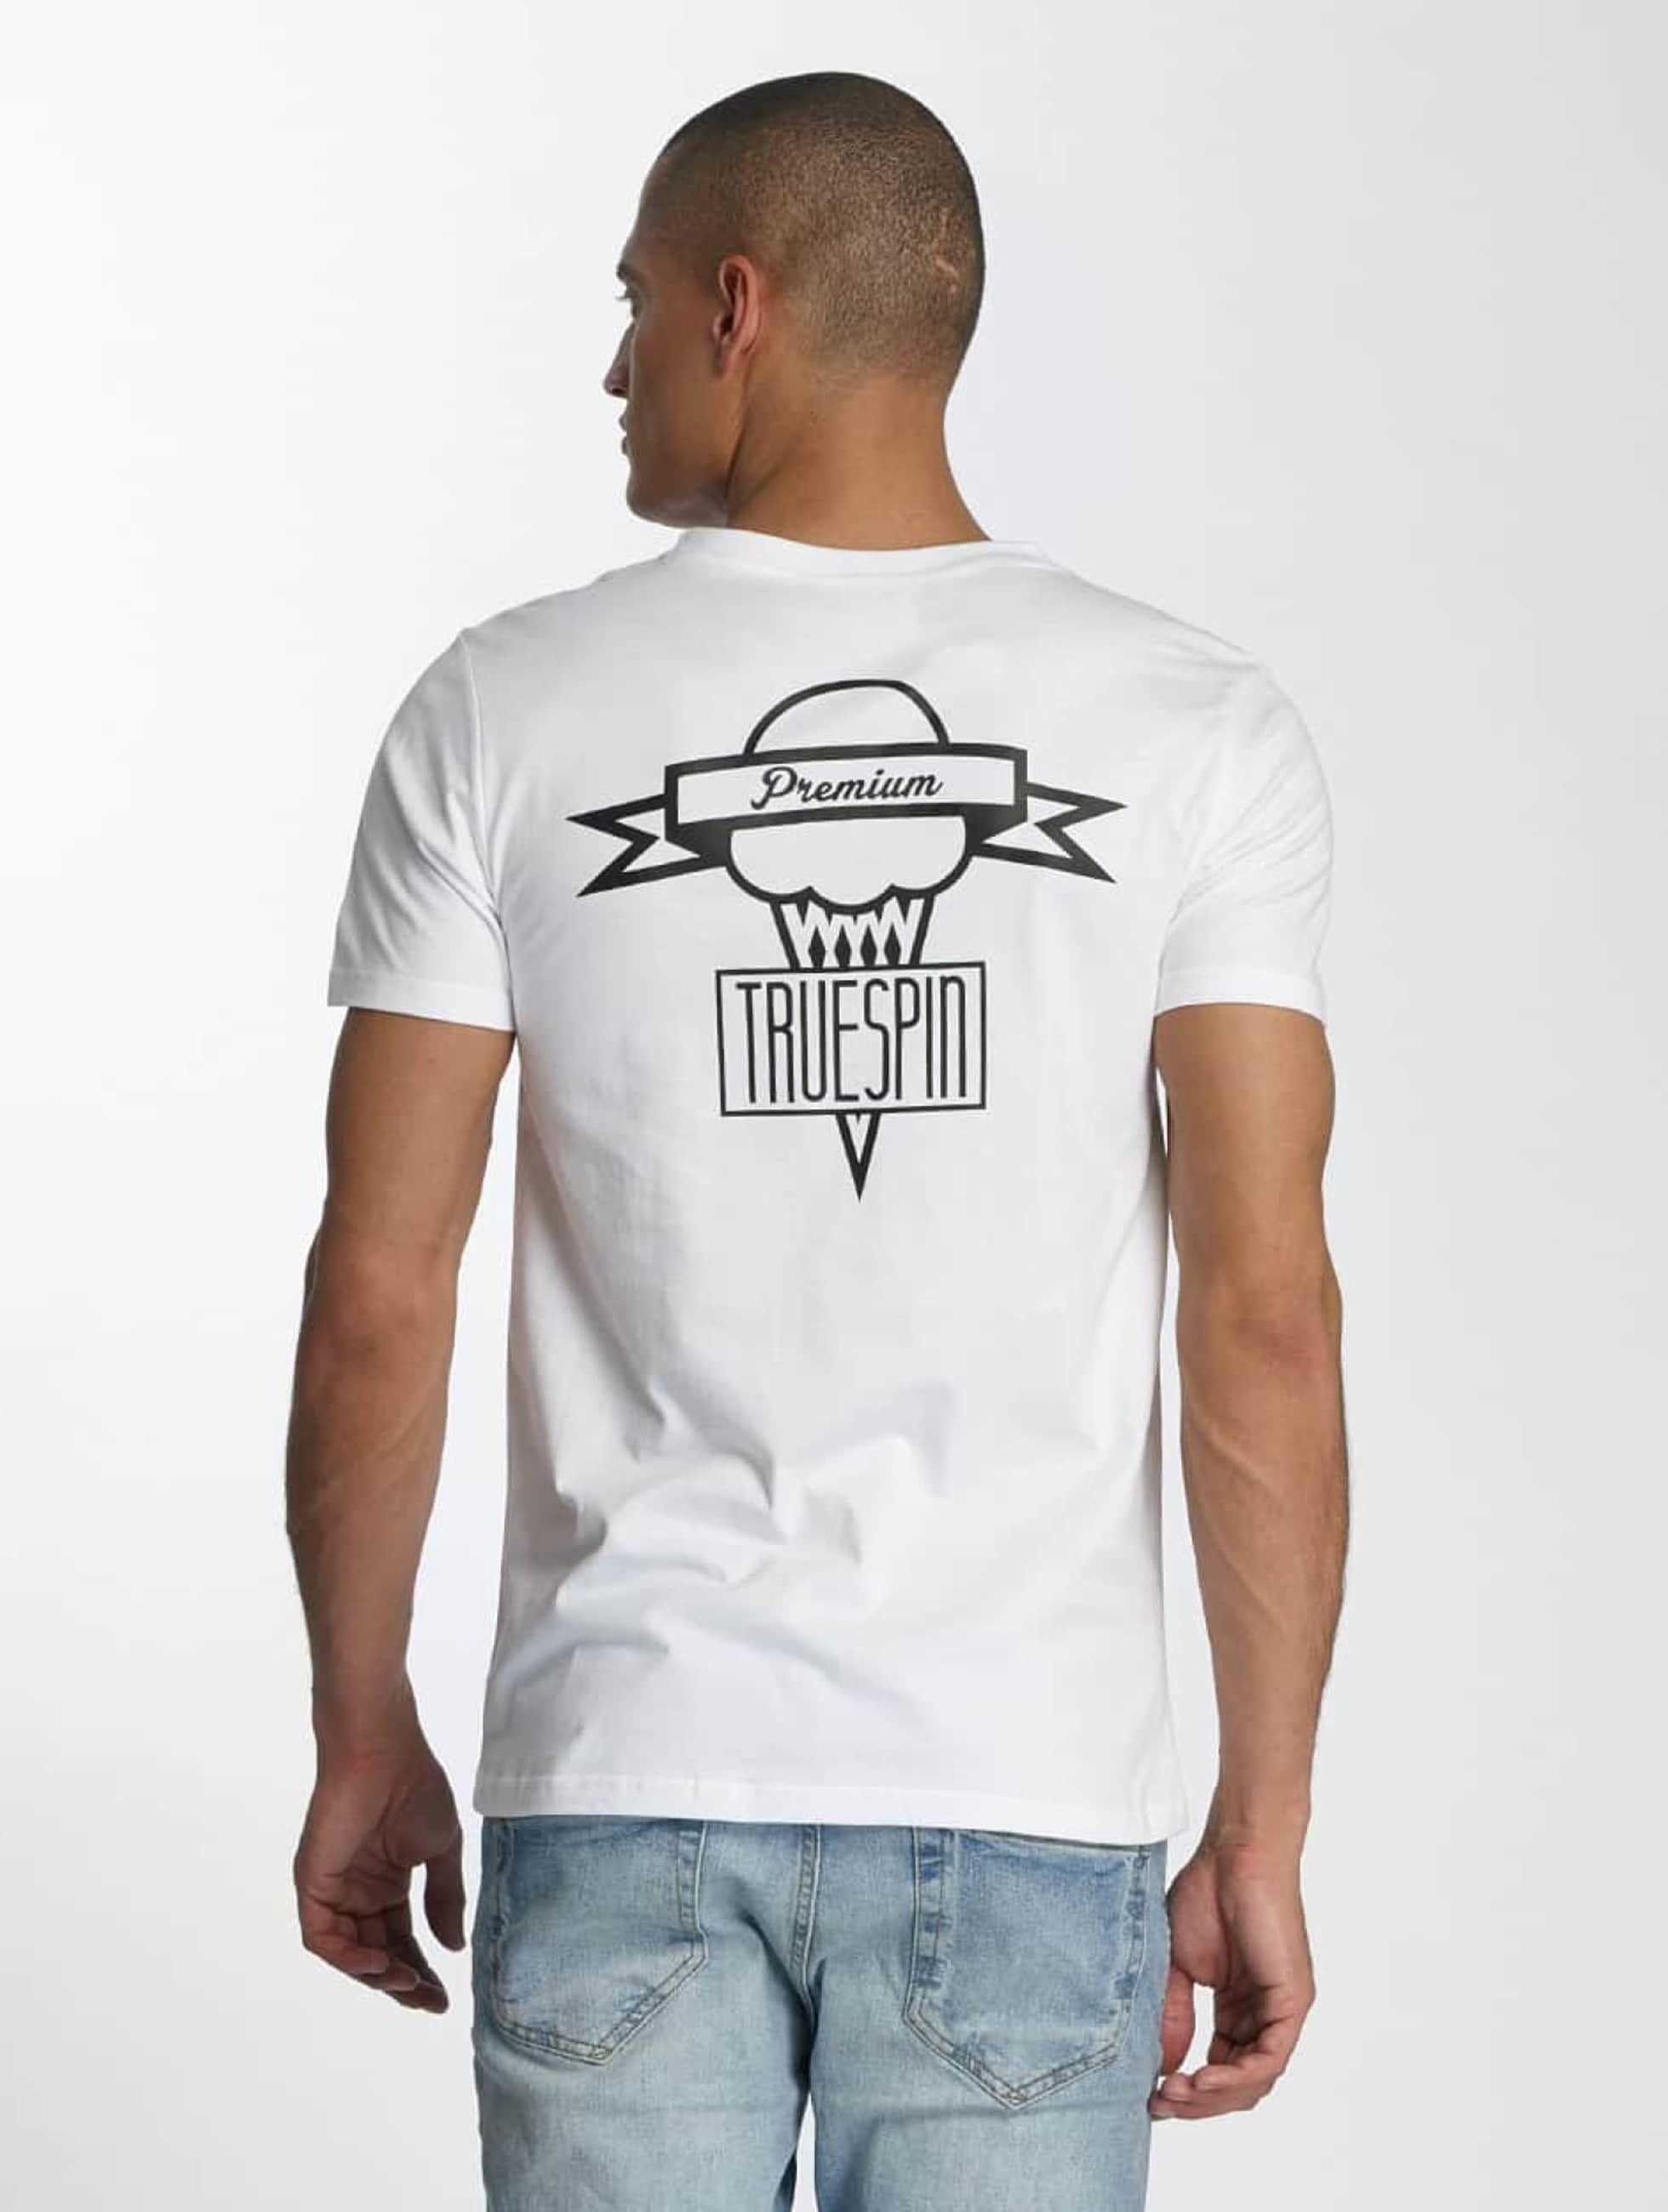 TrueSpin Tričká 4 biela